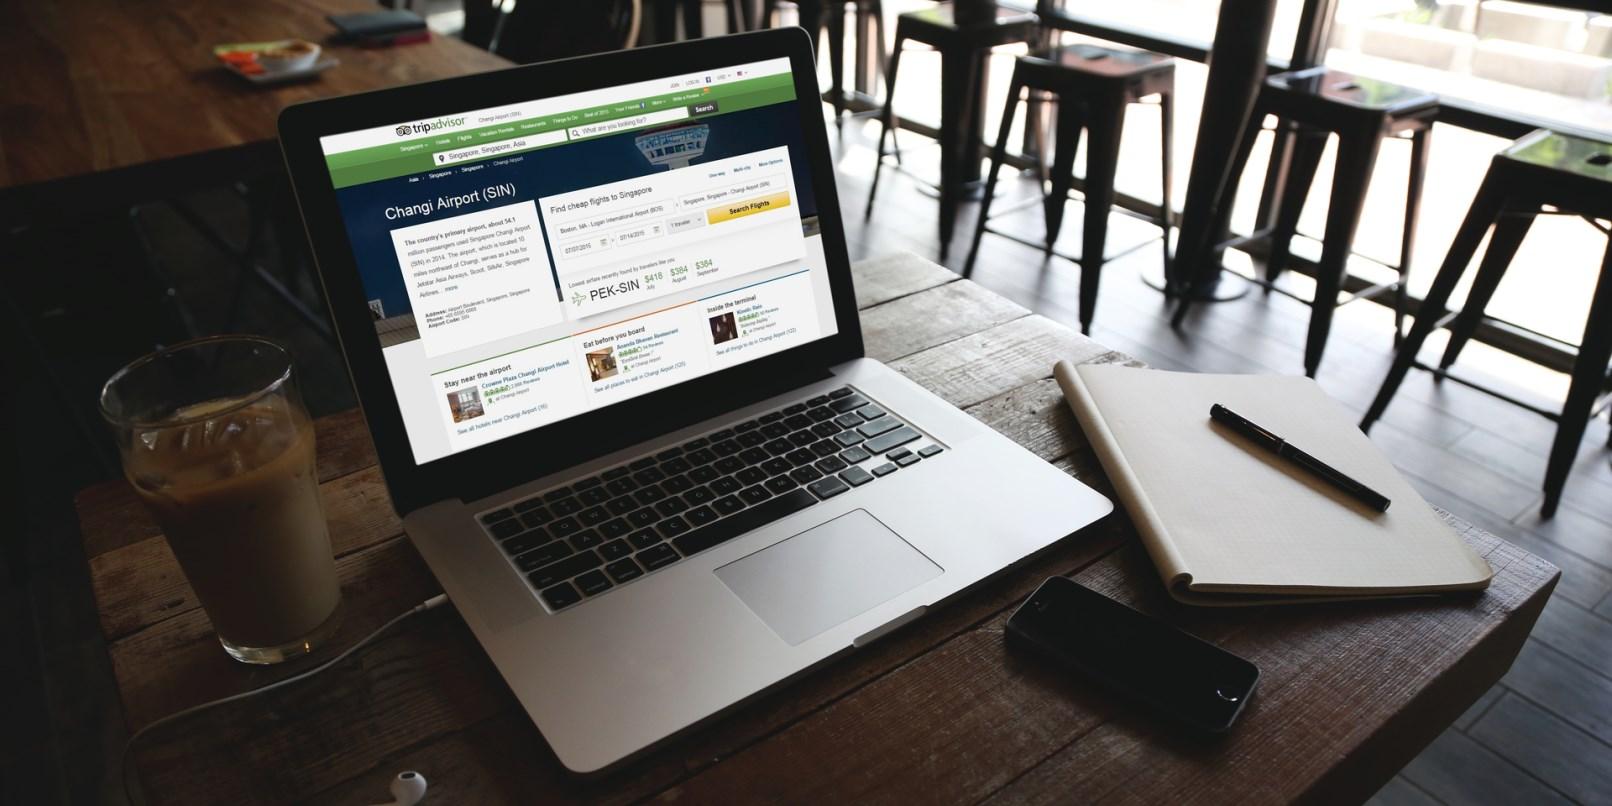 how to create a review website like tripadvisor